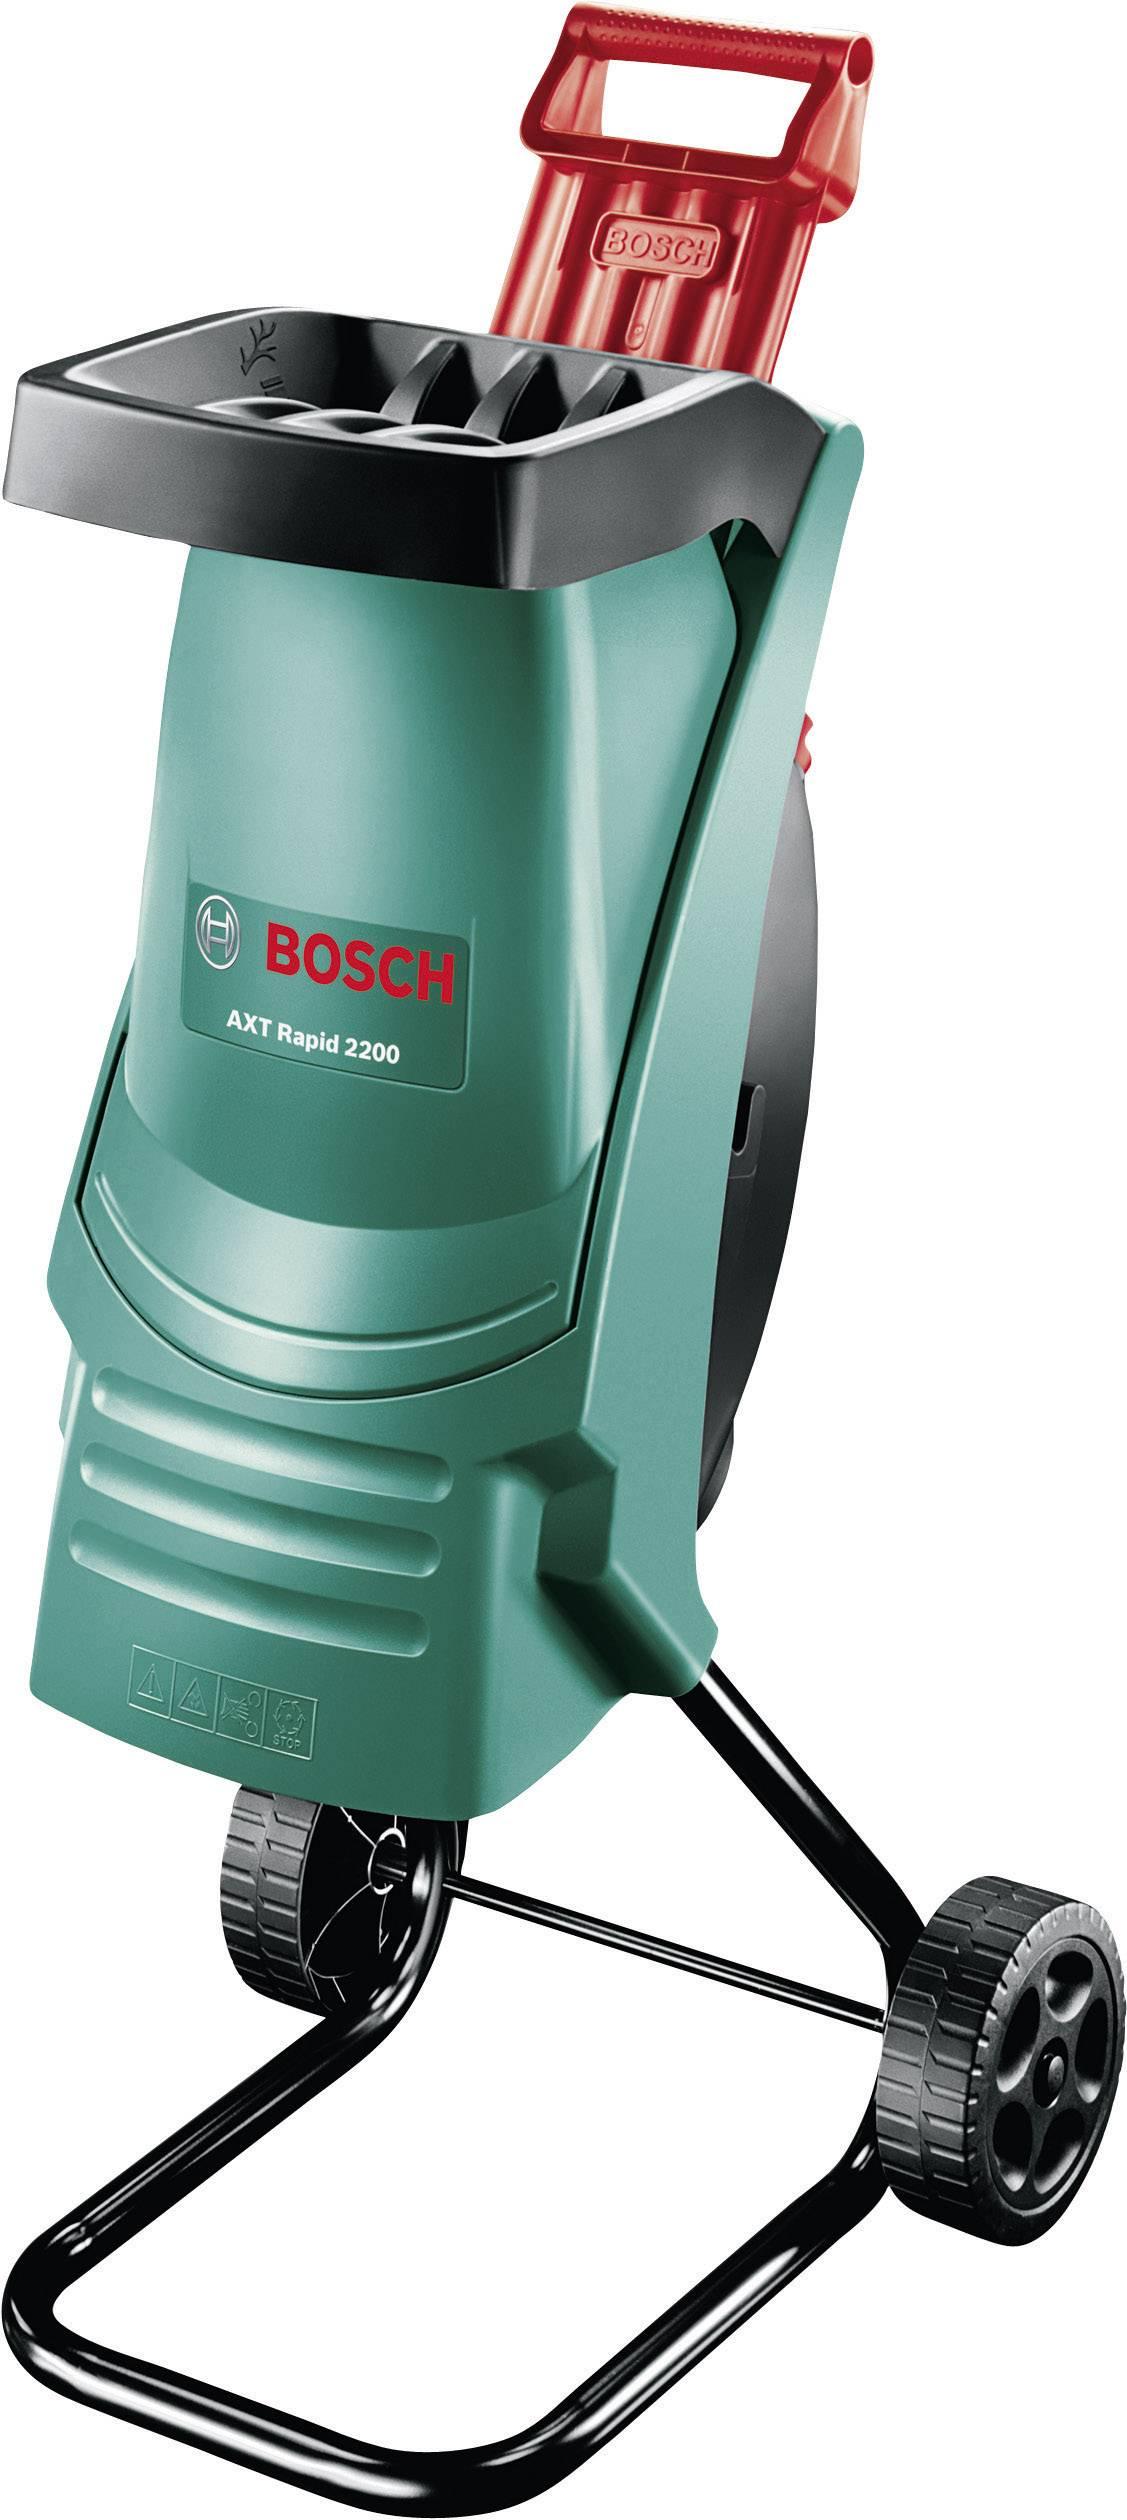 Elektrická nožový zahradní drtič AXT RAPID 2200 Bosch Home and Garden 2200 W 0600853600